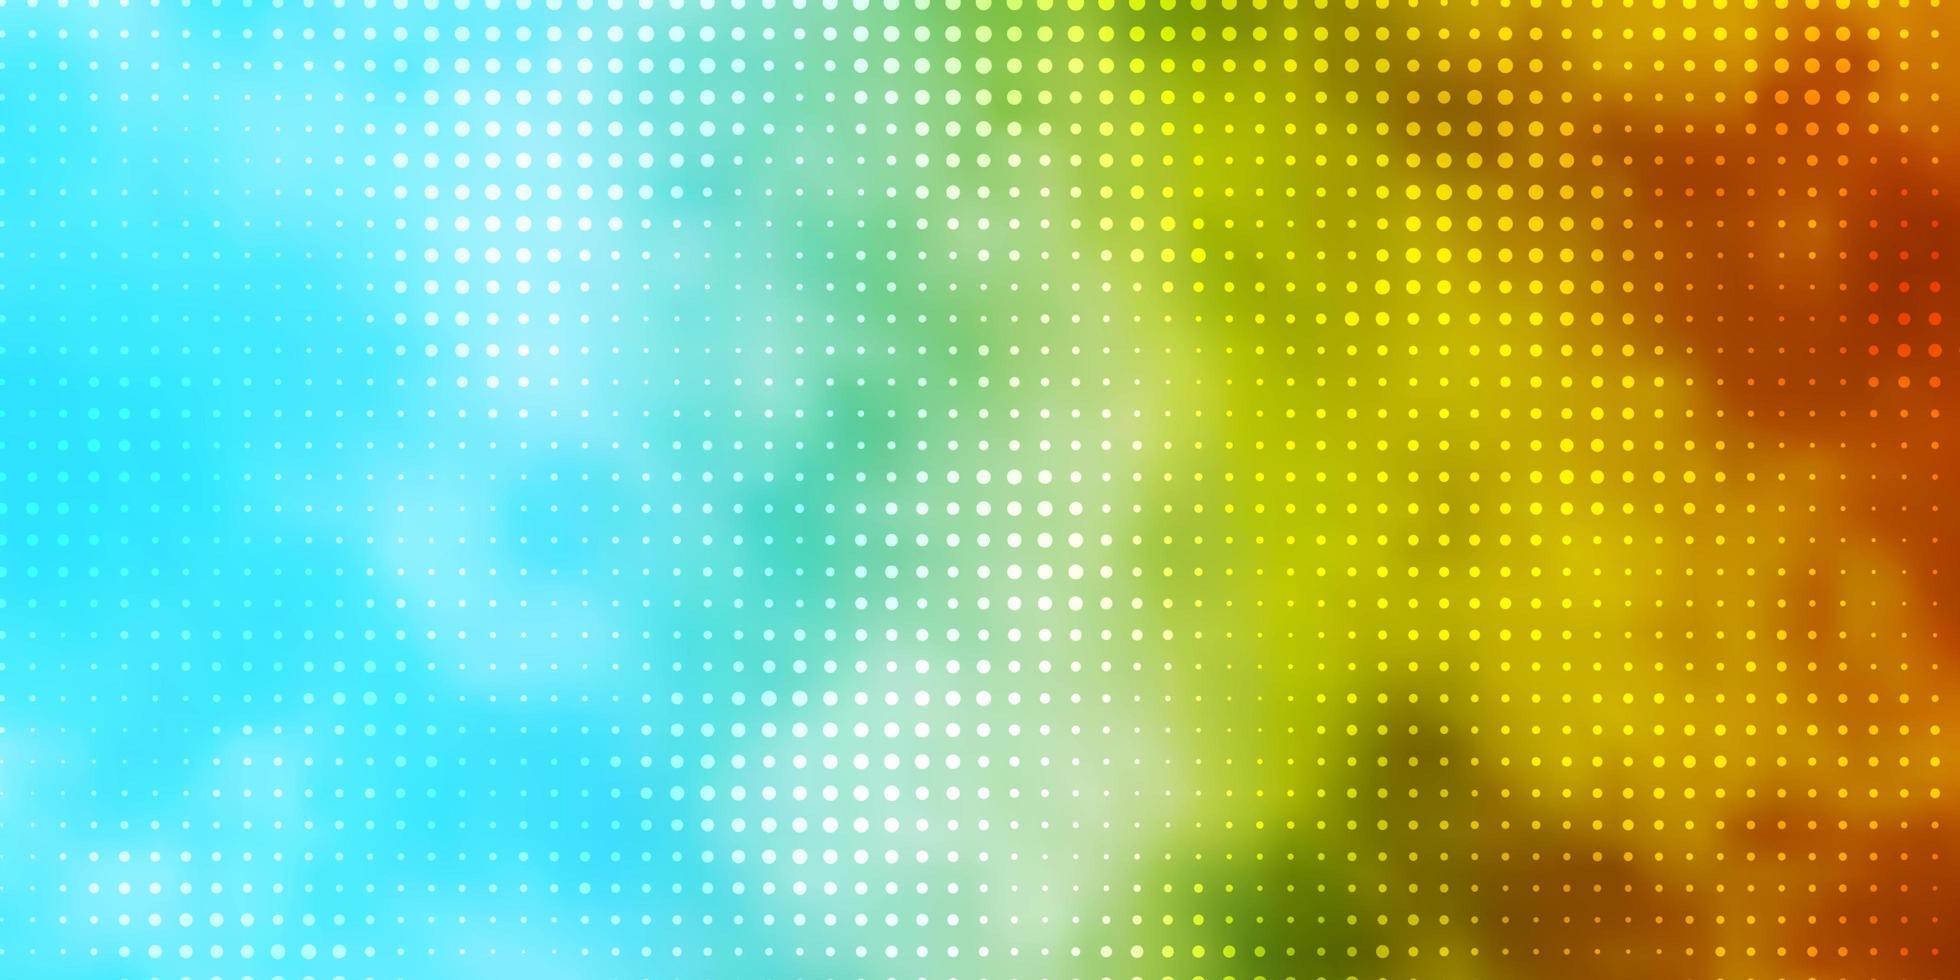 hellblaue, gelbe Vektortextur mit Scheiben. vektor